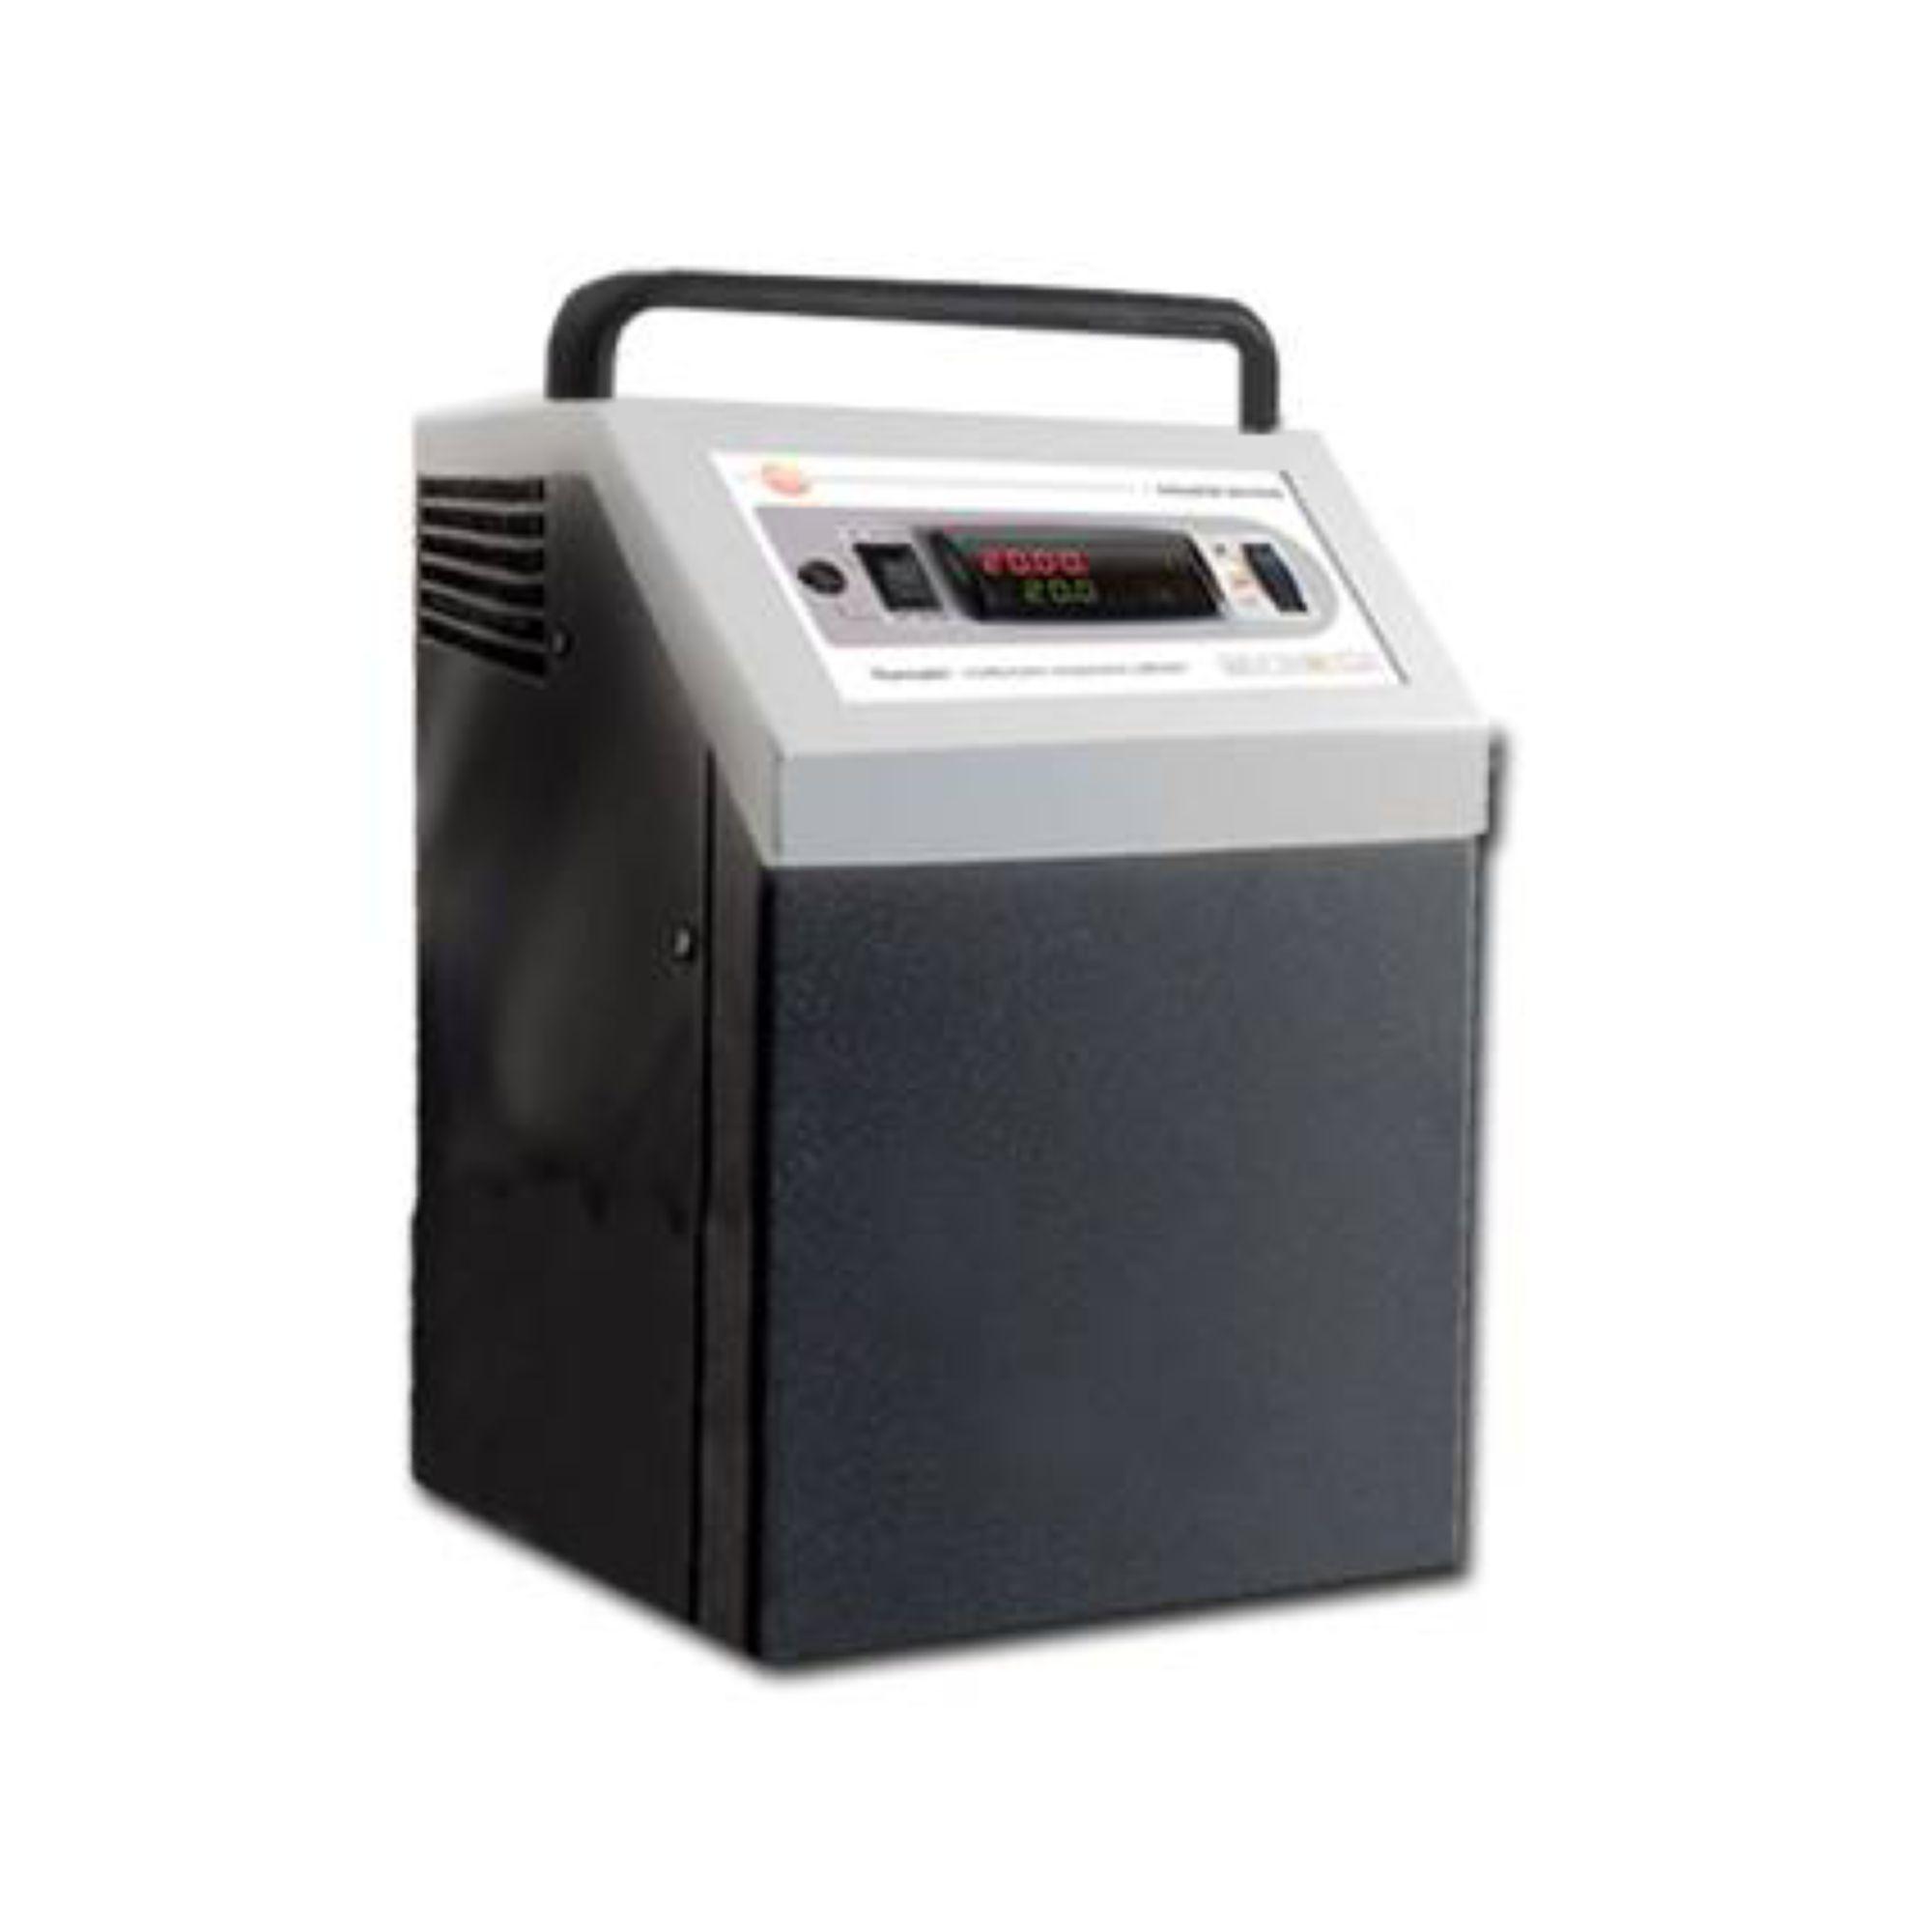 jp_Thermator-Generador-Temperatura-Calibracion-Temperatura.png